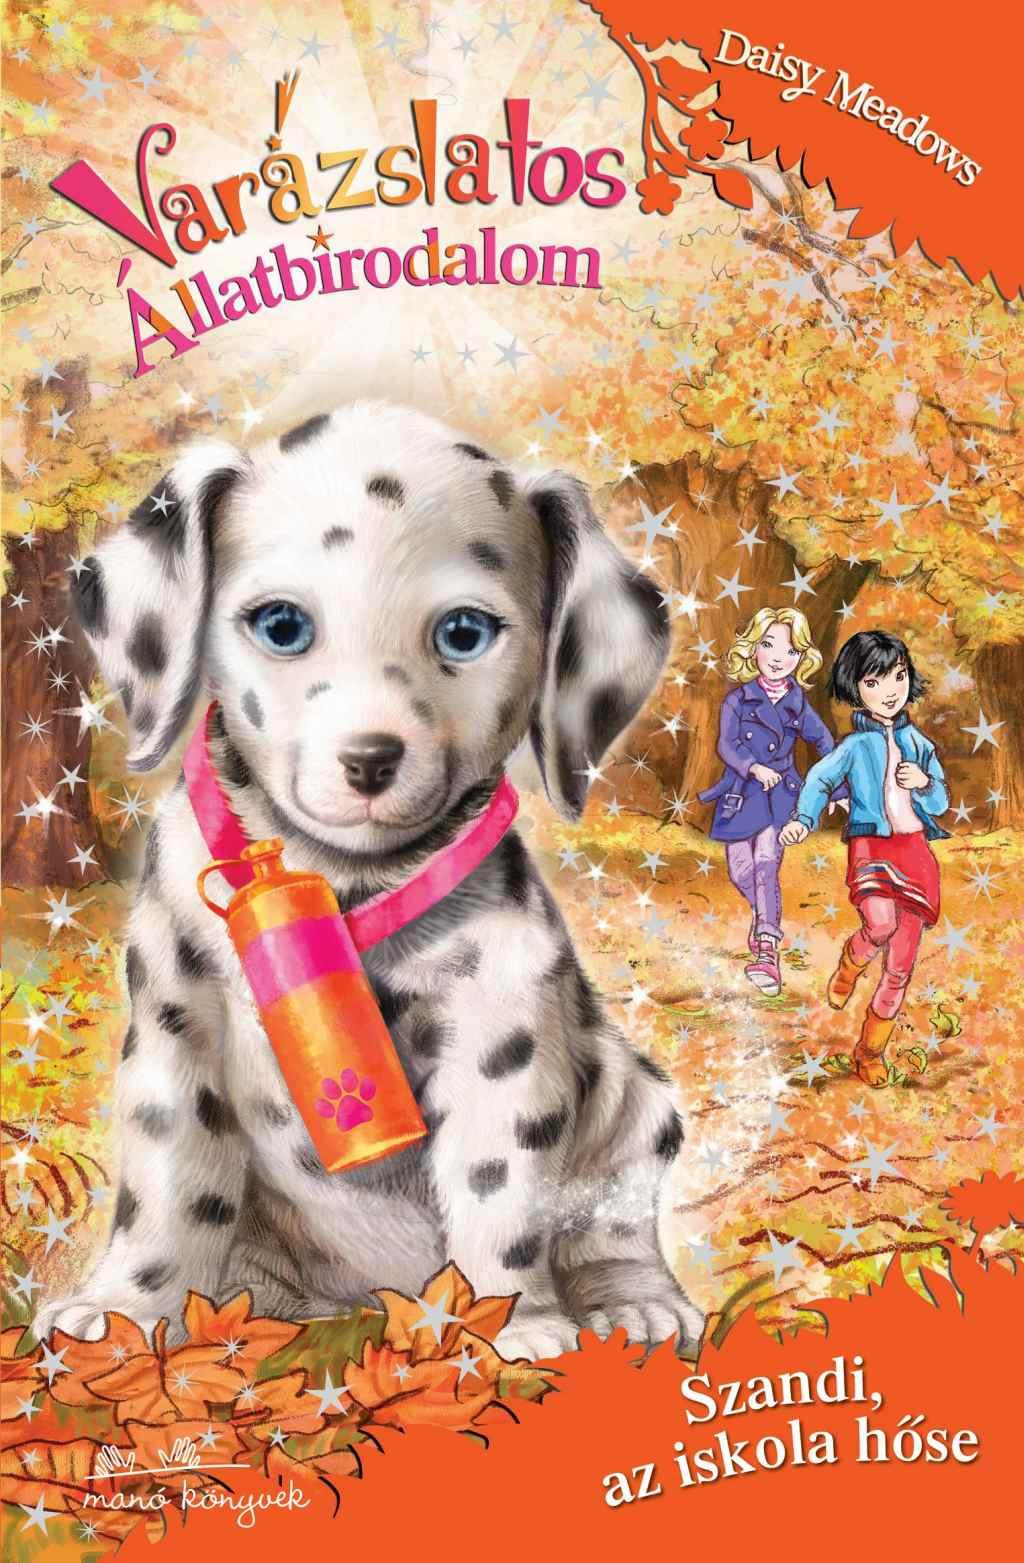 Daisy Meadows - Varázslatos állatbirodalom 25. - Szandi, az iskola hőse